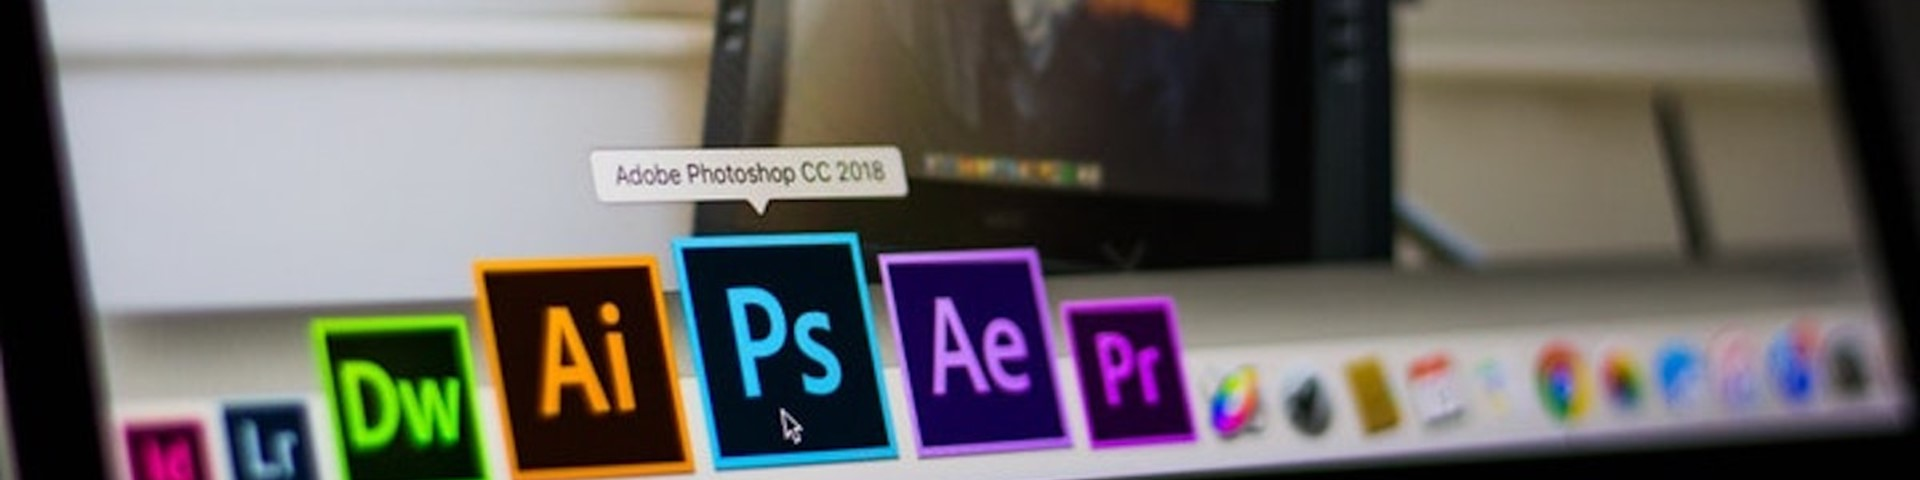 Como otimização de imagens pode melhorar o ranqueamento do site